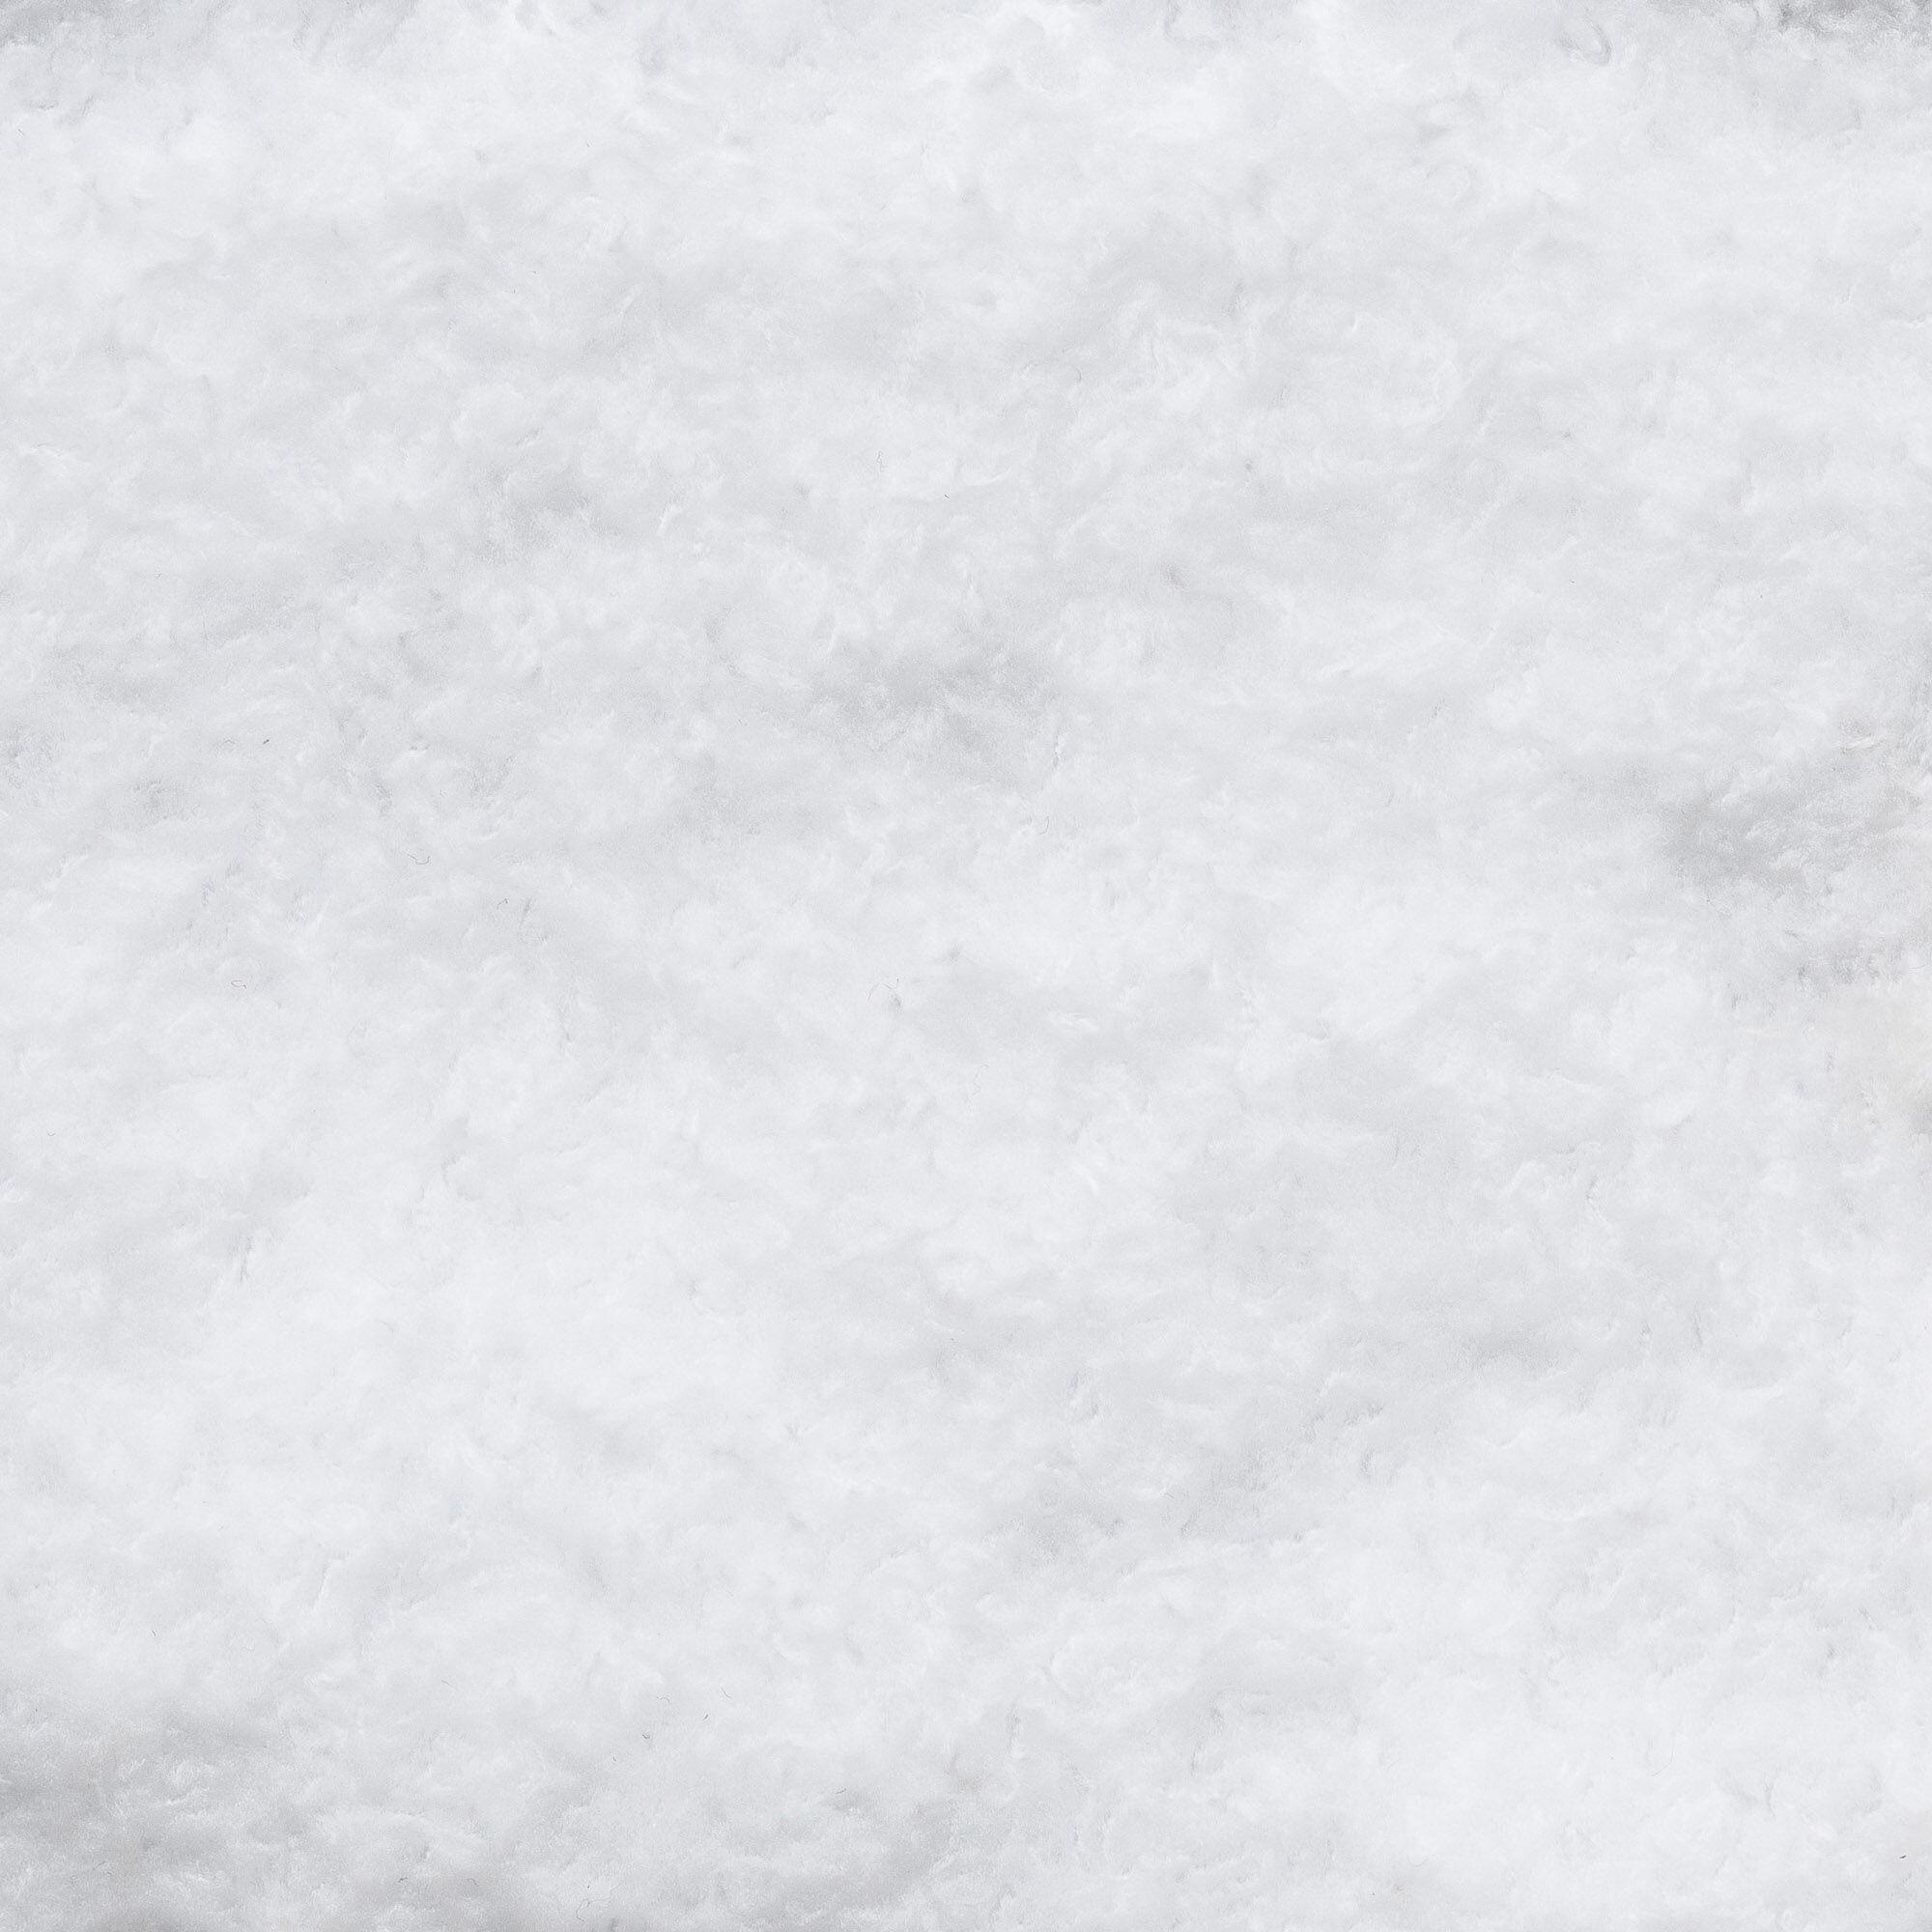 Bernat Pipsqueak Yarn (100g/3.5 oz), Whitey White